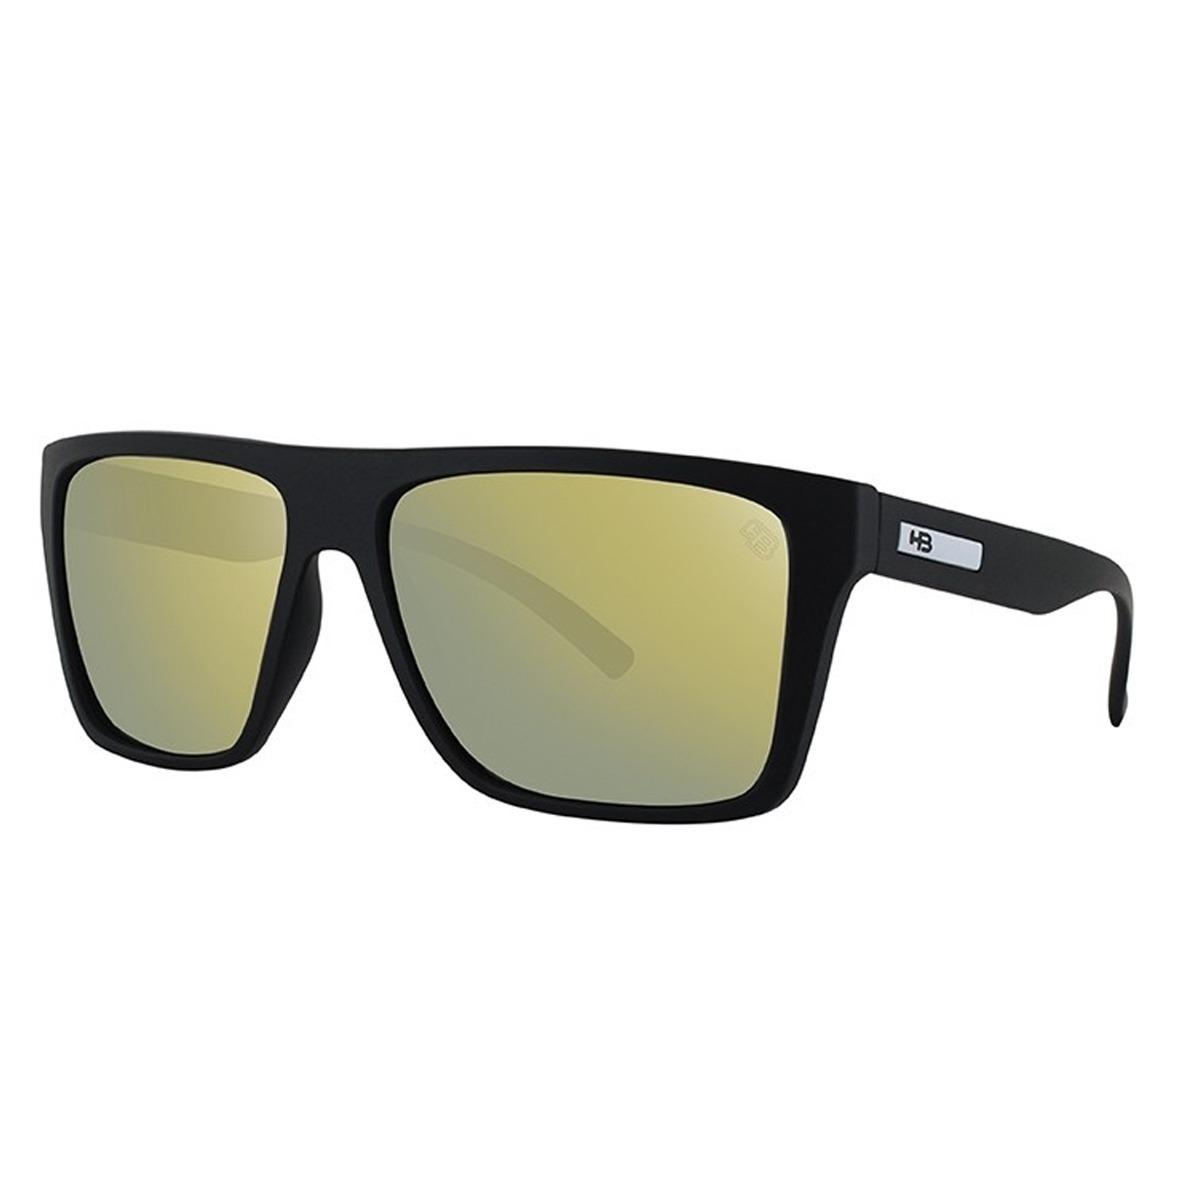 3fcb6e46c03ce oculos sol espelhado hb floyd original preto fosco gold. Carregando zoom.